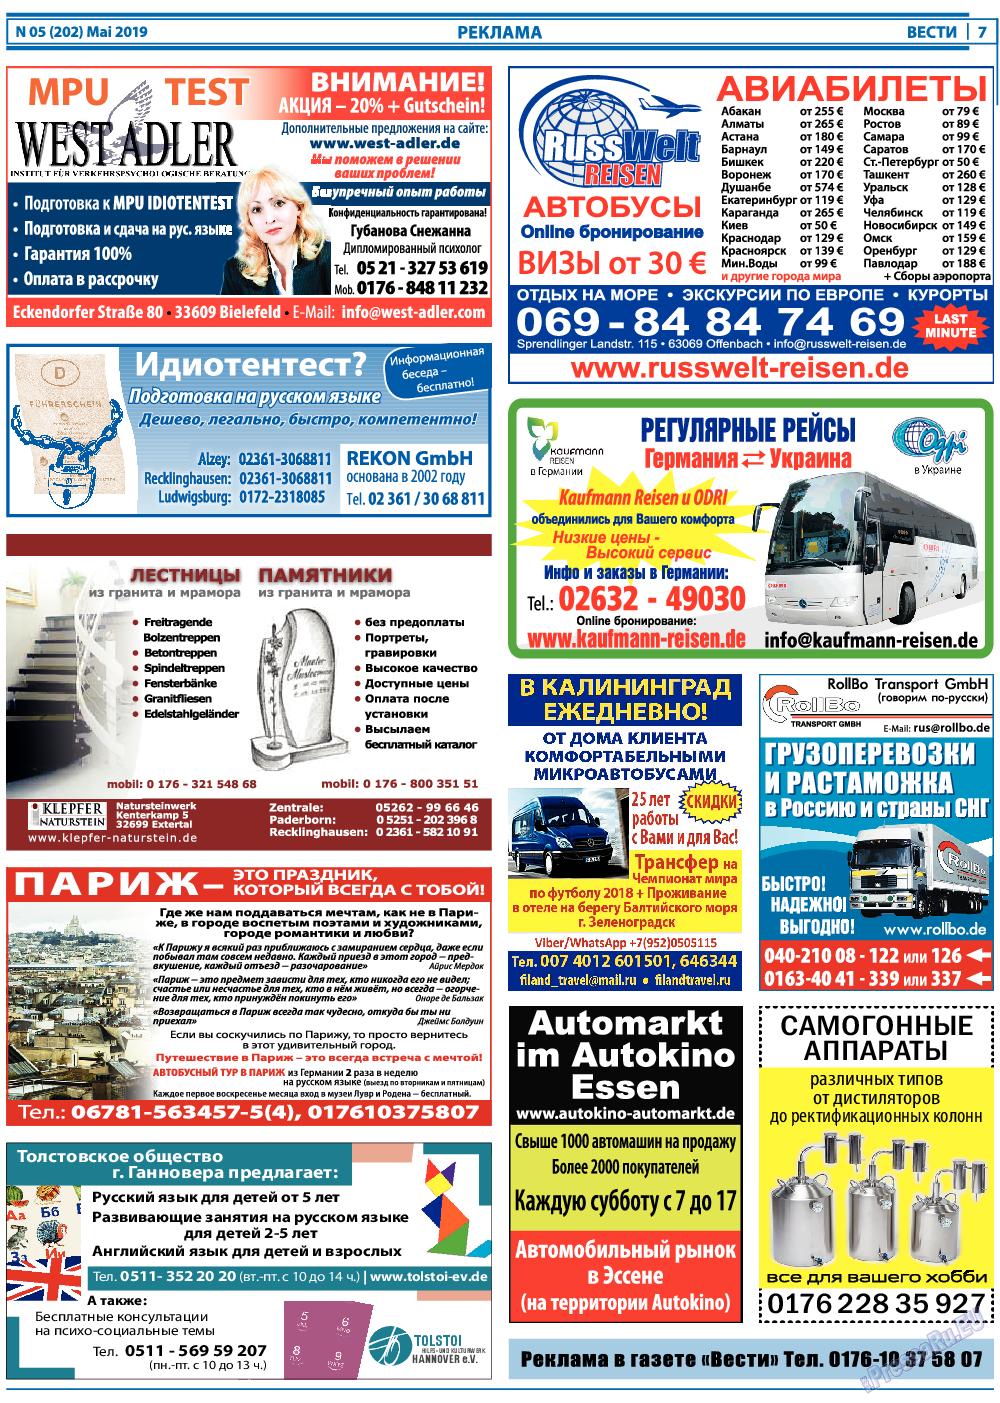 Вести (газета). 2019 год, номер 5, стр. 7